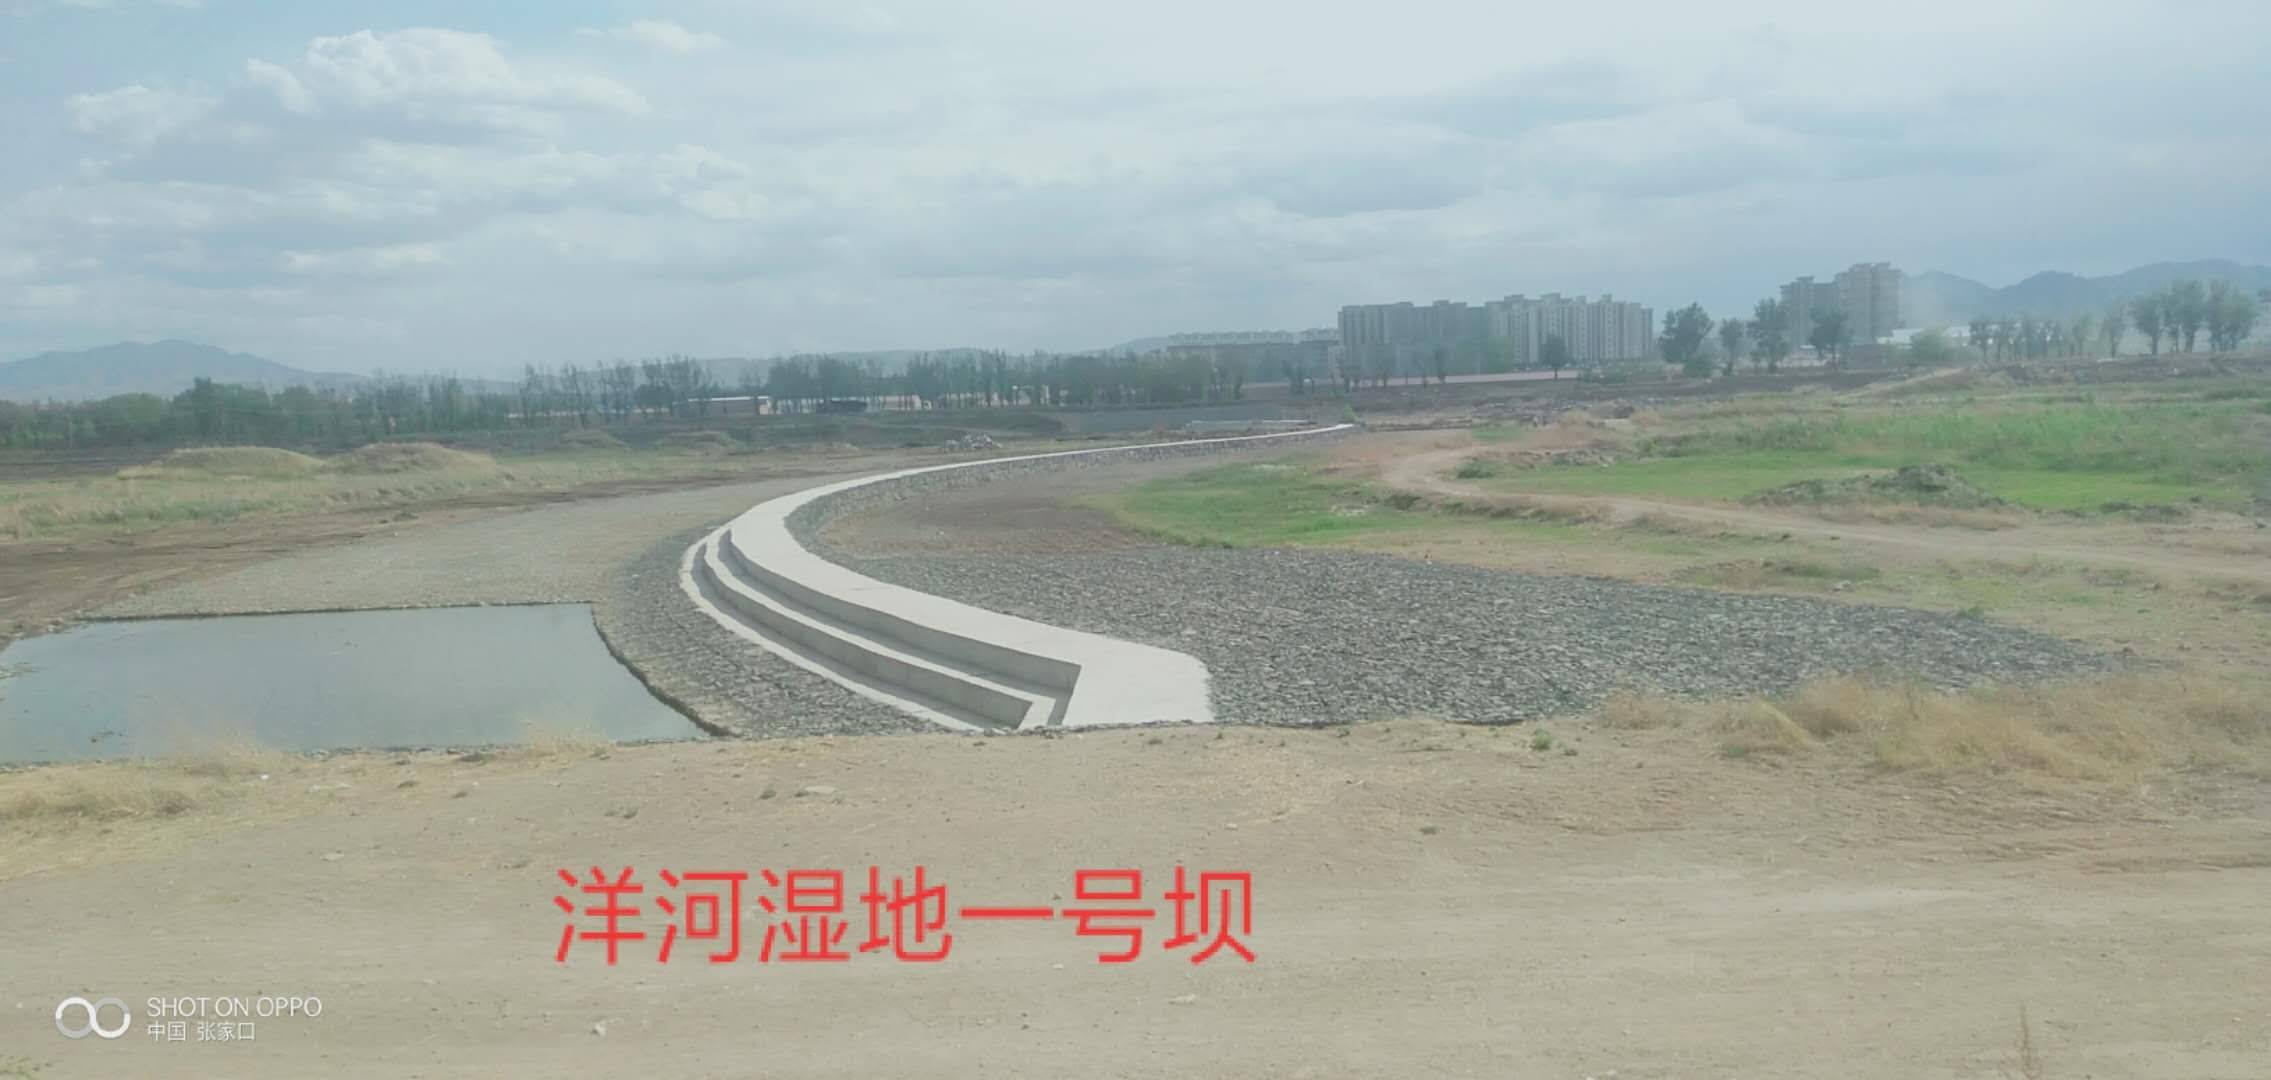 河北:宣化区洋河河道生态治理